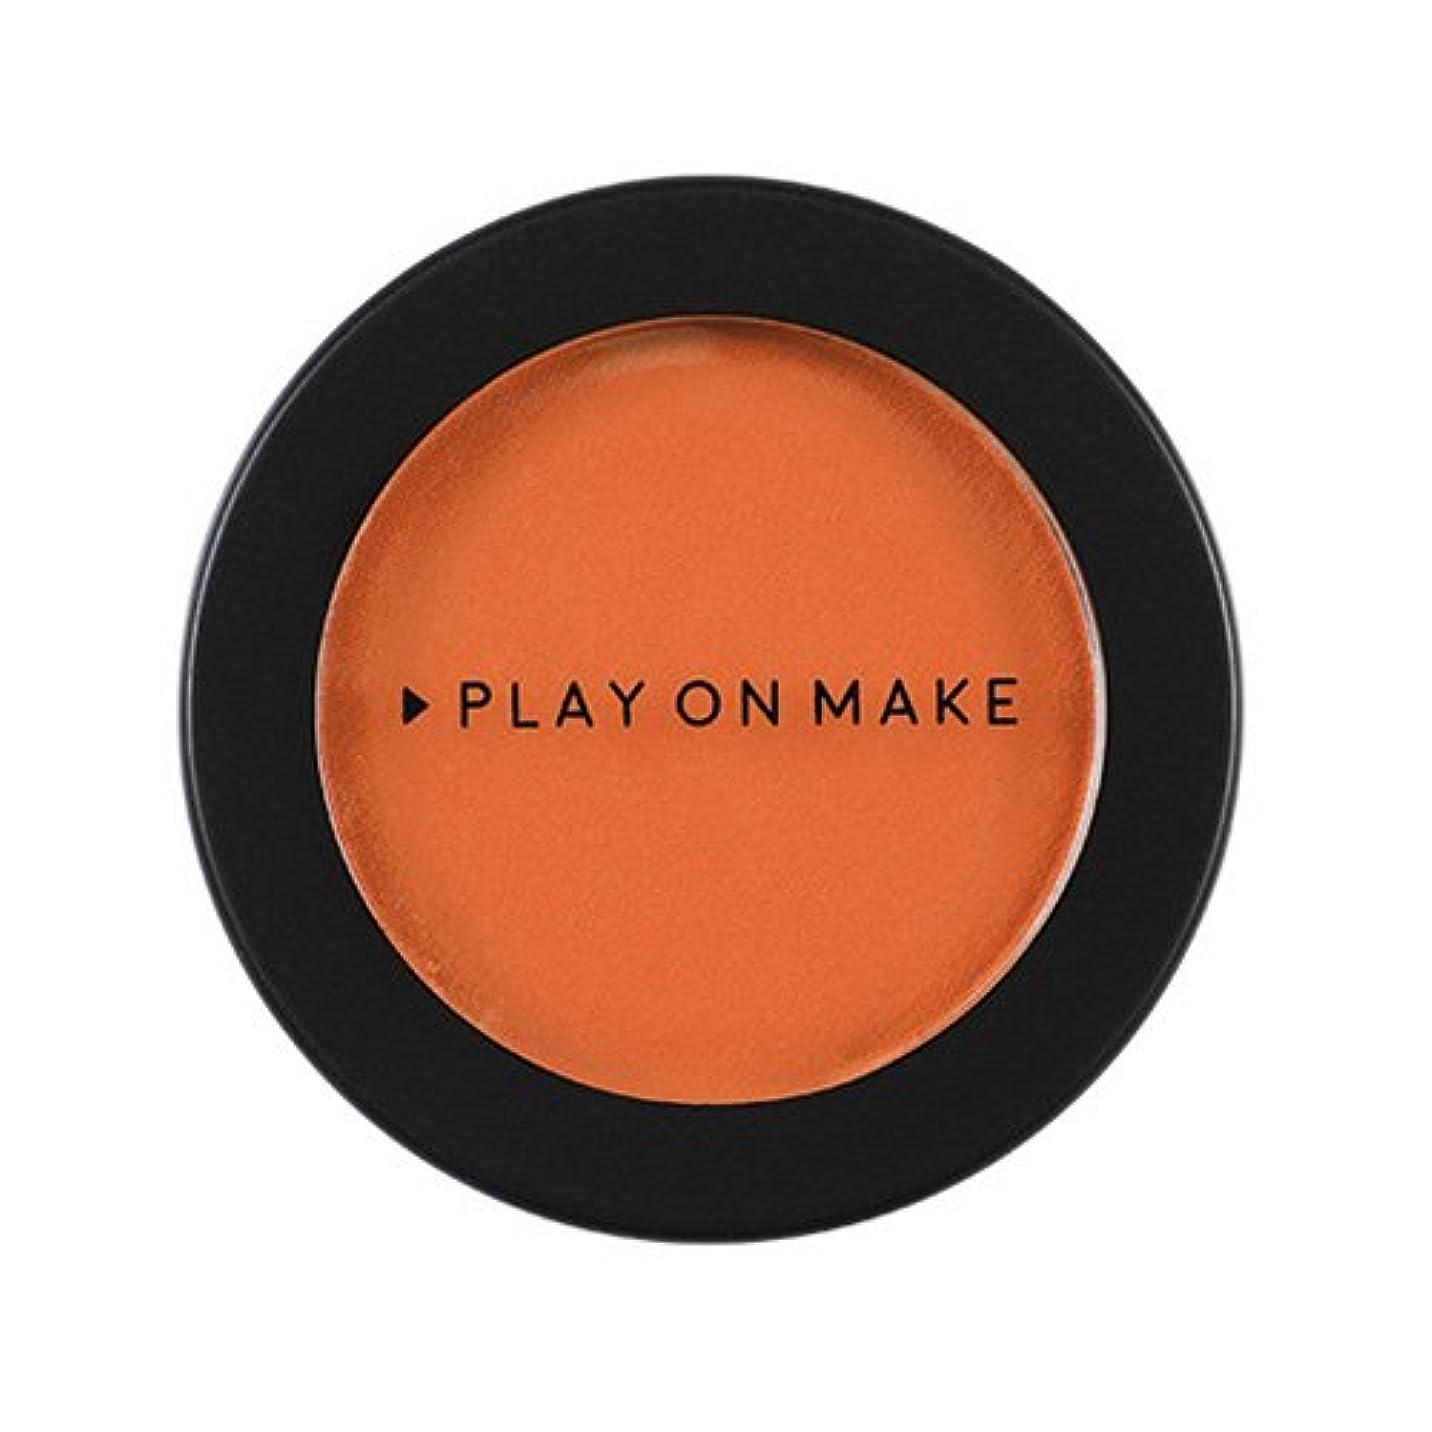 トリップ権限を与える鼻PLAY ON MAKE(プレイオンメイク) ブルームチーク PM-0016 カクタスオレンジ (1個)